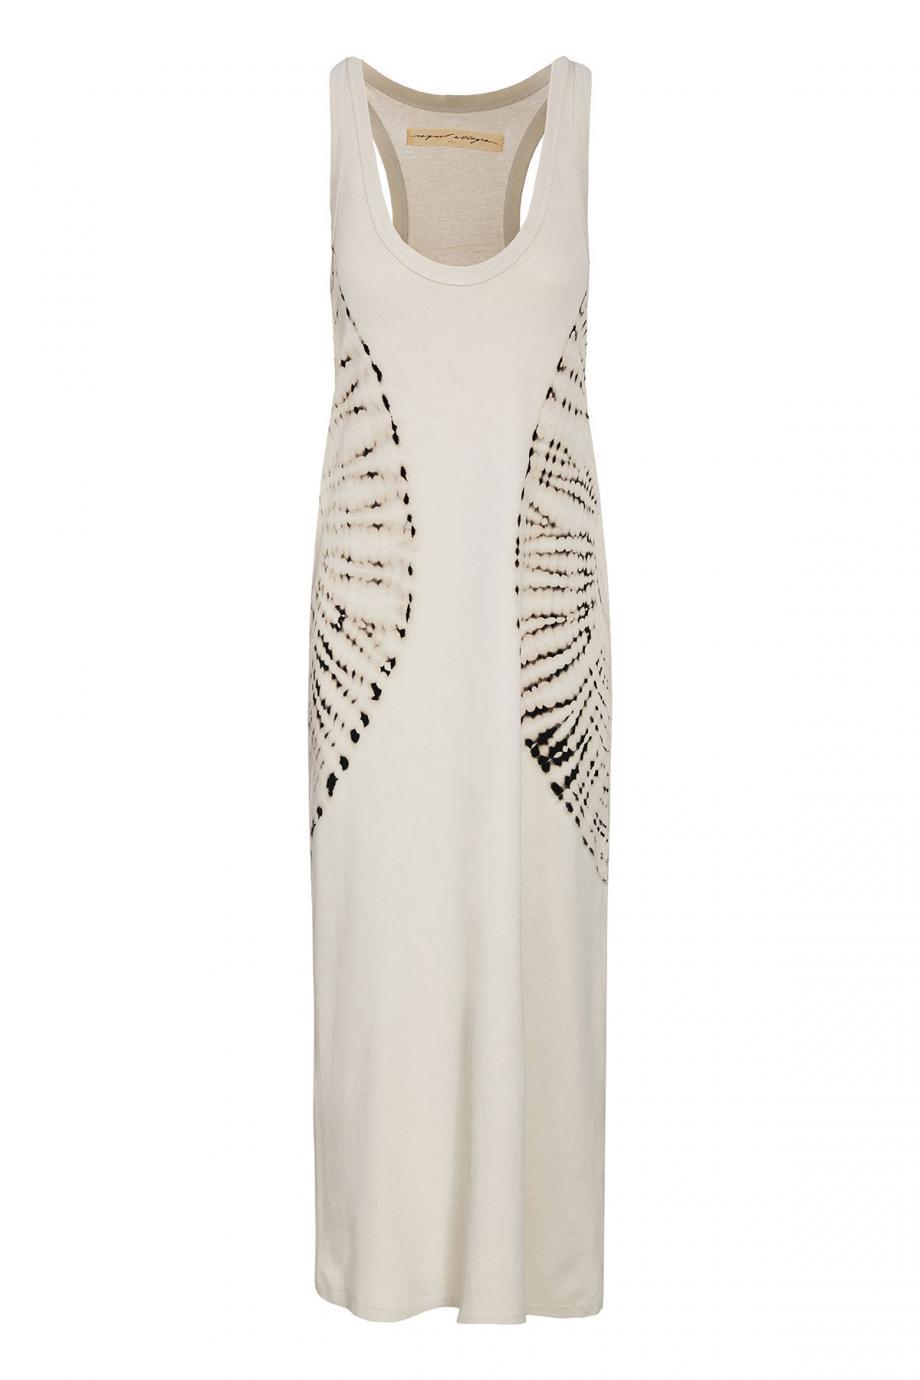 Tye-dye cotton midi dress